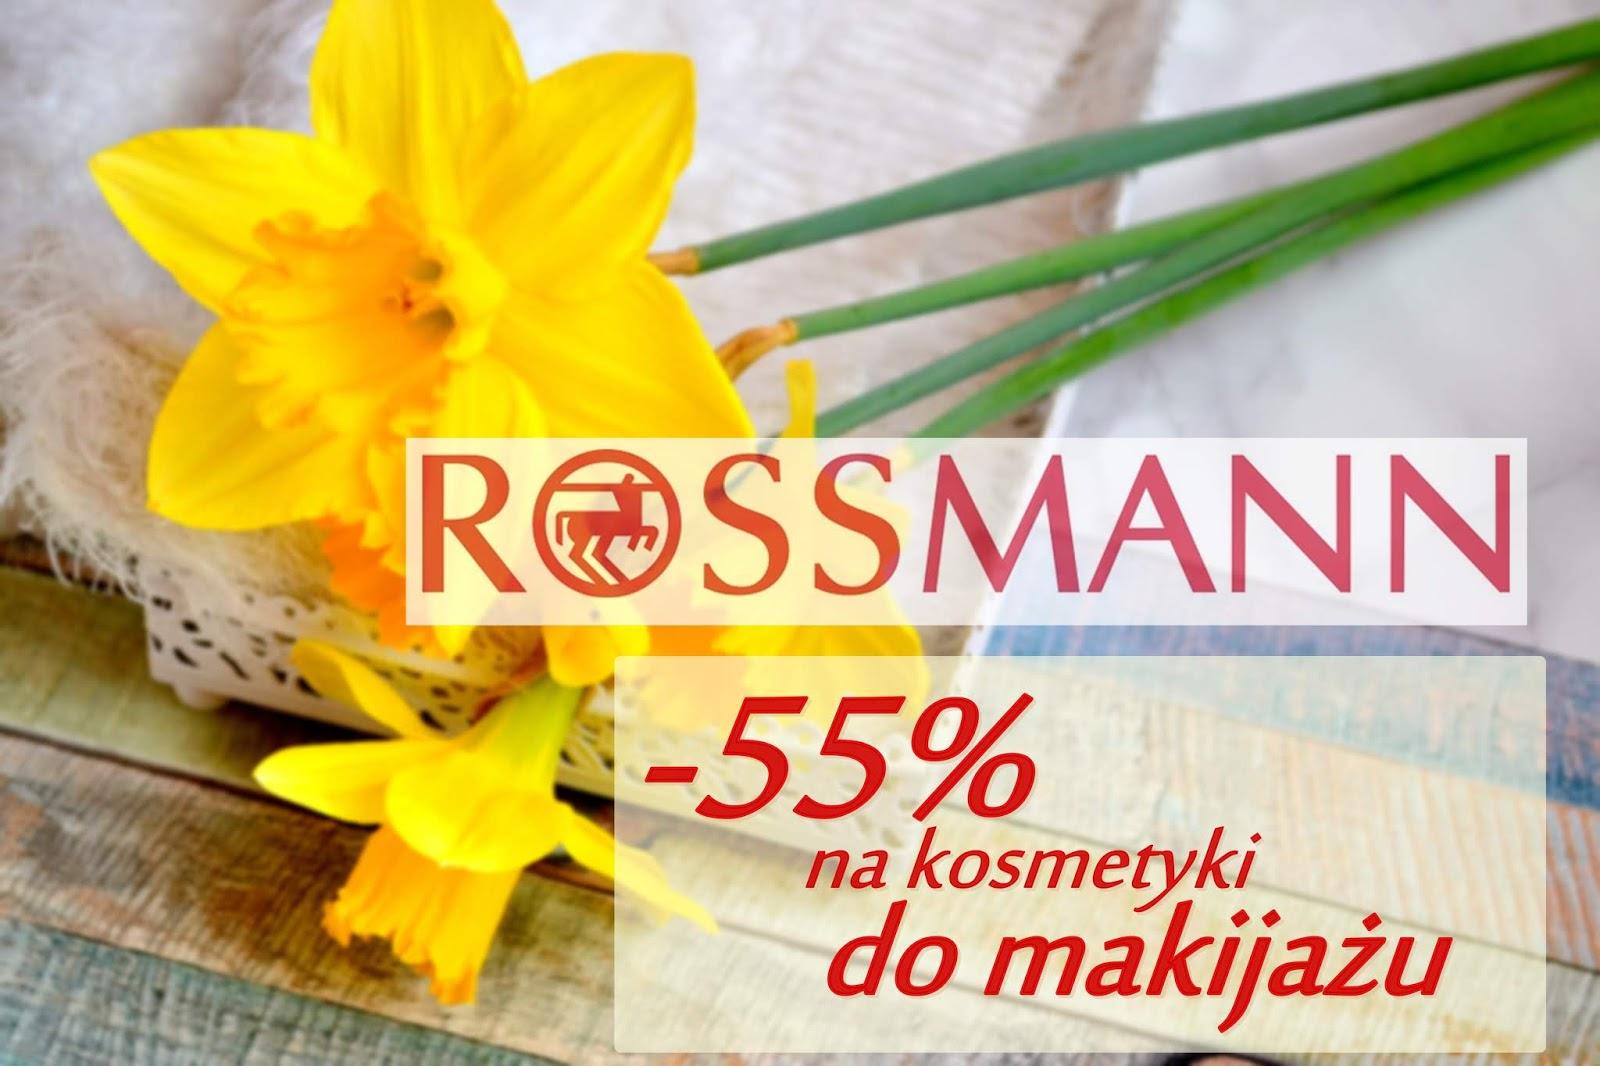 ROSSMANN -55% PAŹDZIERNIK 2018 | CIEKAWE NOWOŚCI | CO PLANUJĘ KUPIĆ | ANTY WISHLISTA